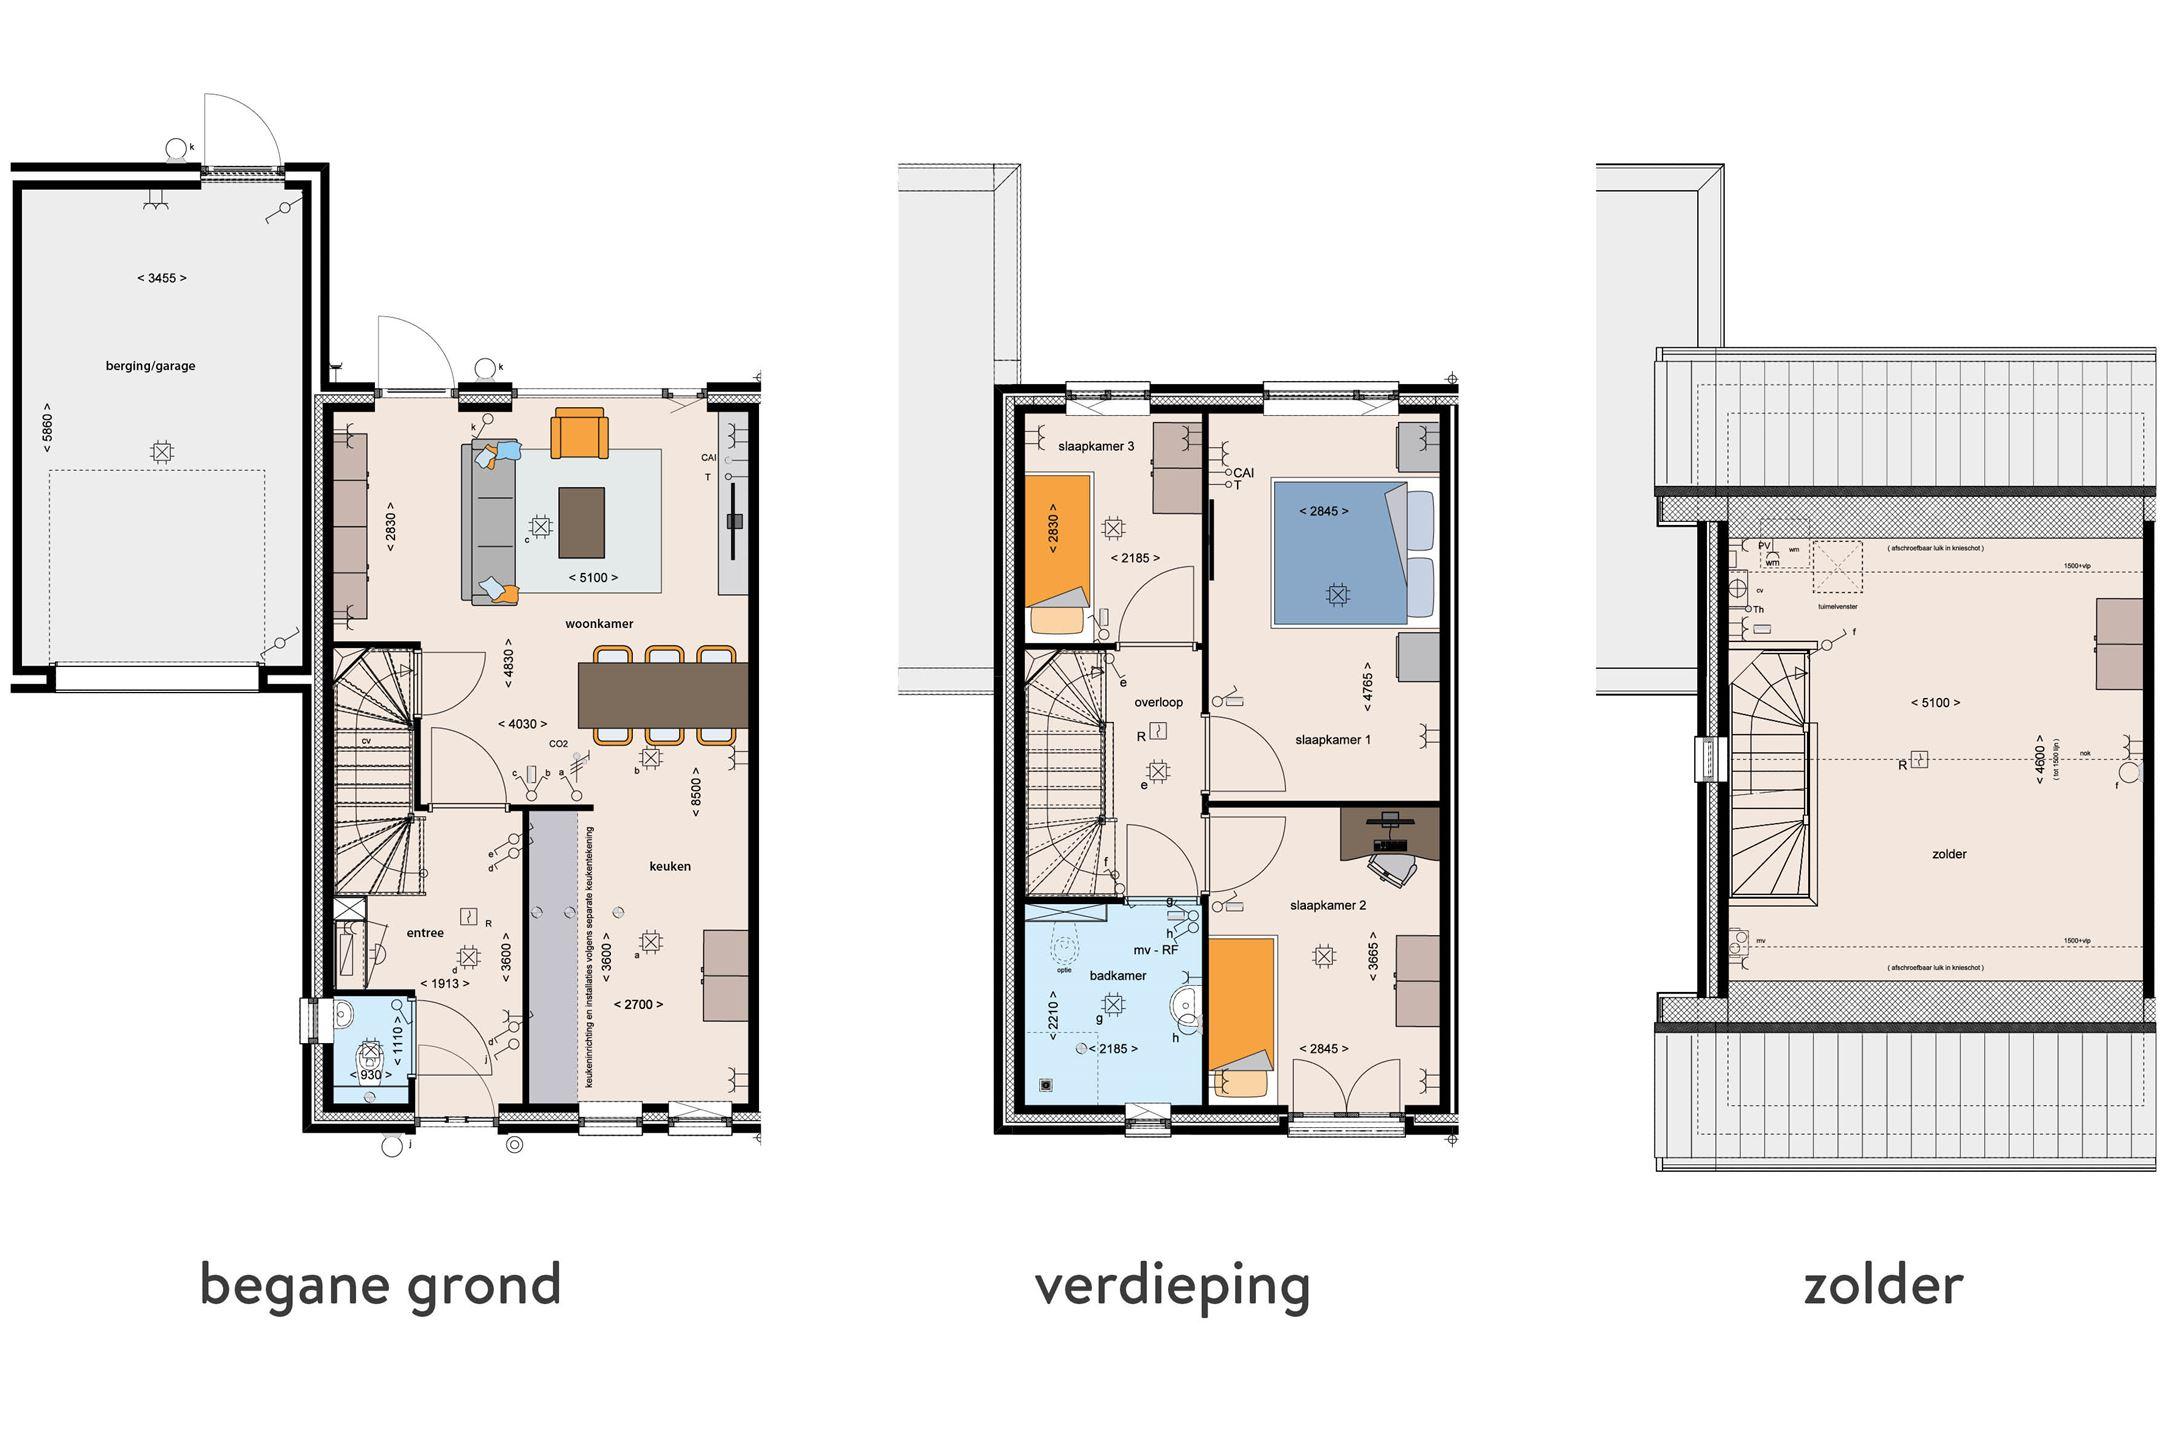 huis te koop gastels buiten ariane bouwnr 11 4750 ba oud